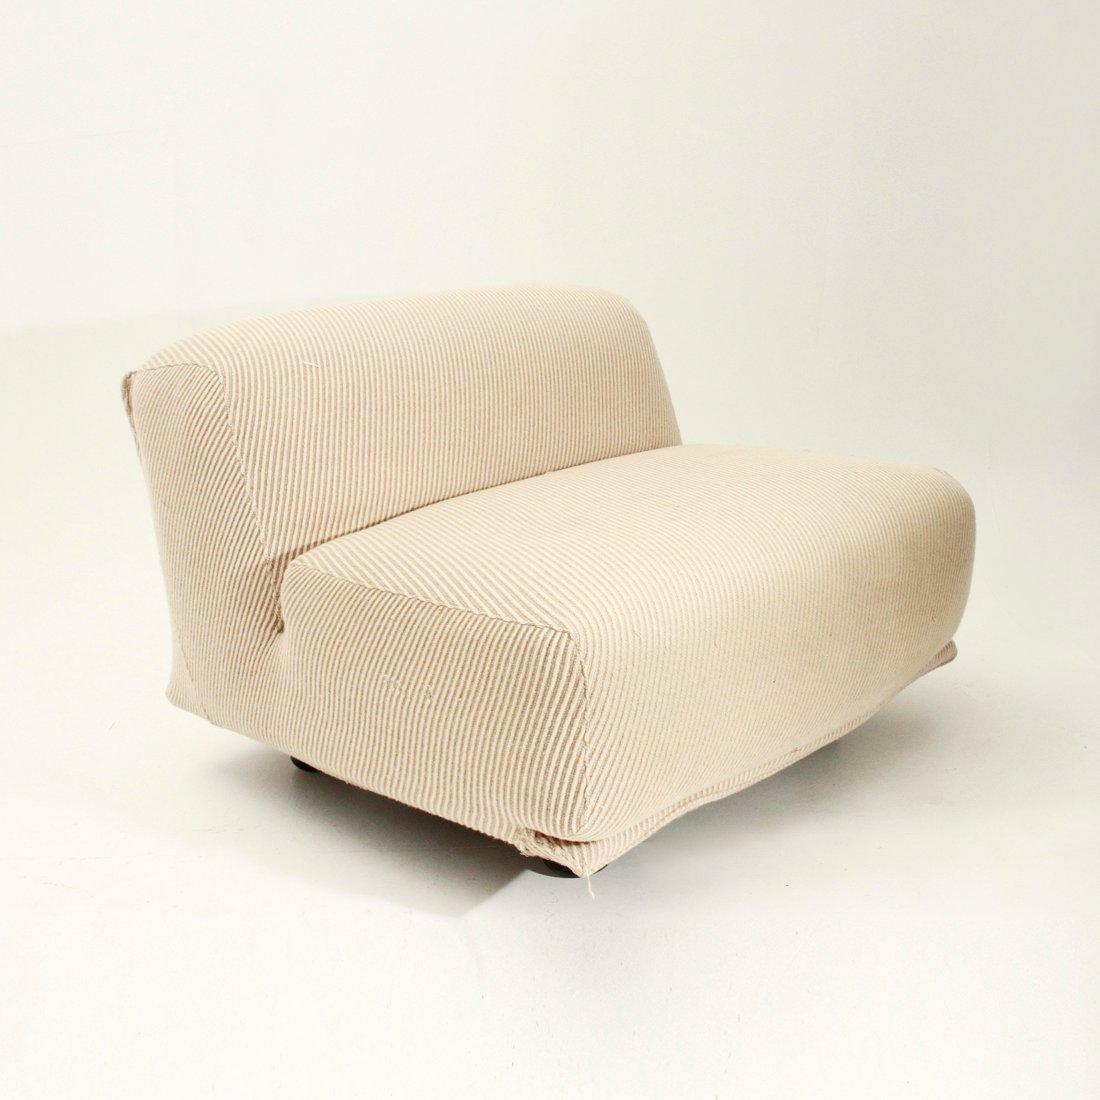 fiandra sofa module by vico magistretti for cassina 1975. Black Bedroom Furniture Sets. Home Design Ideas